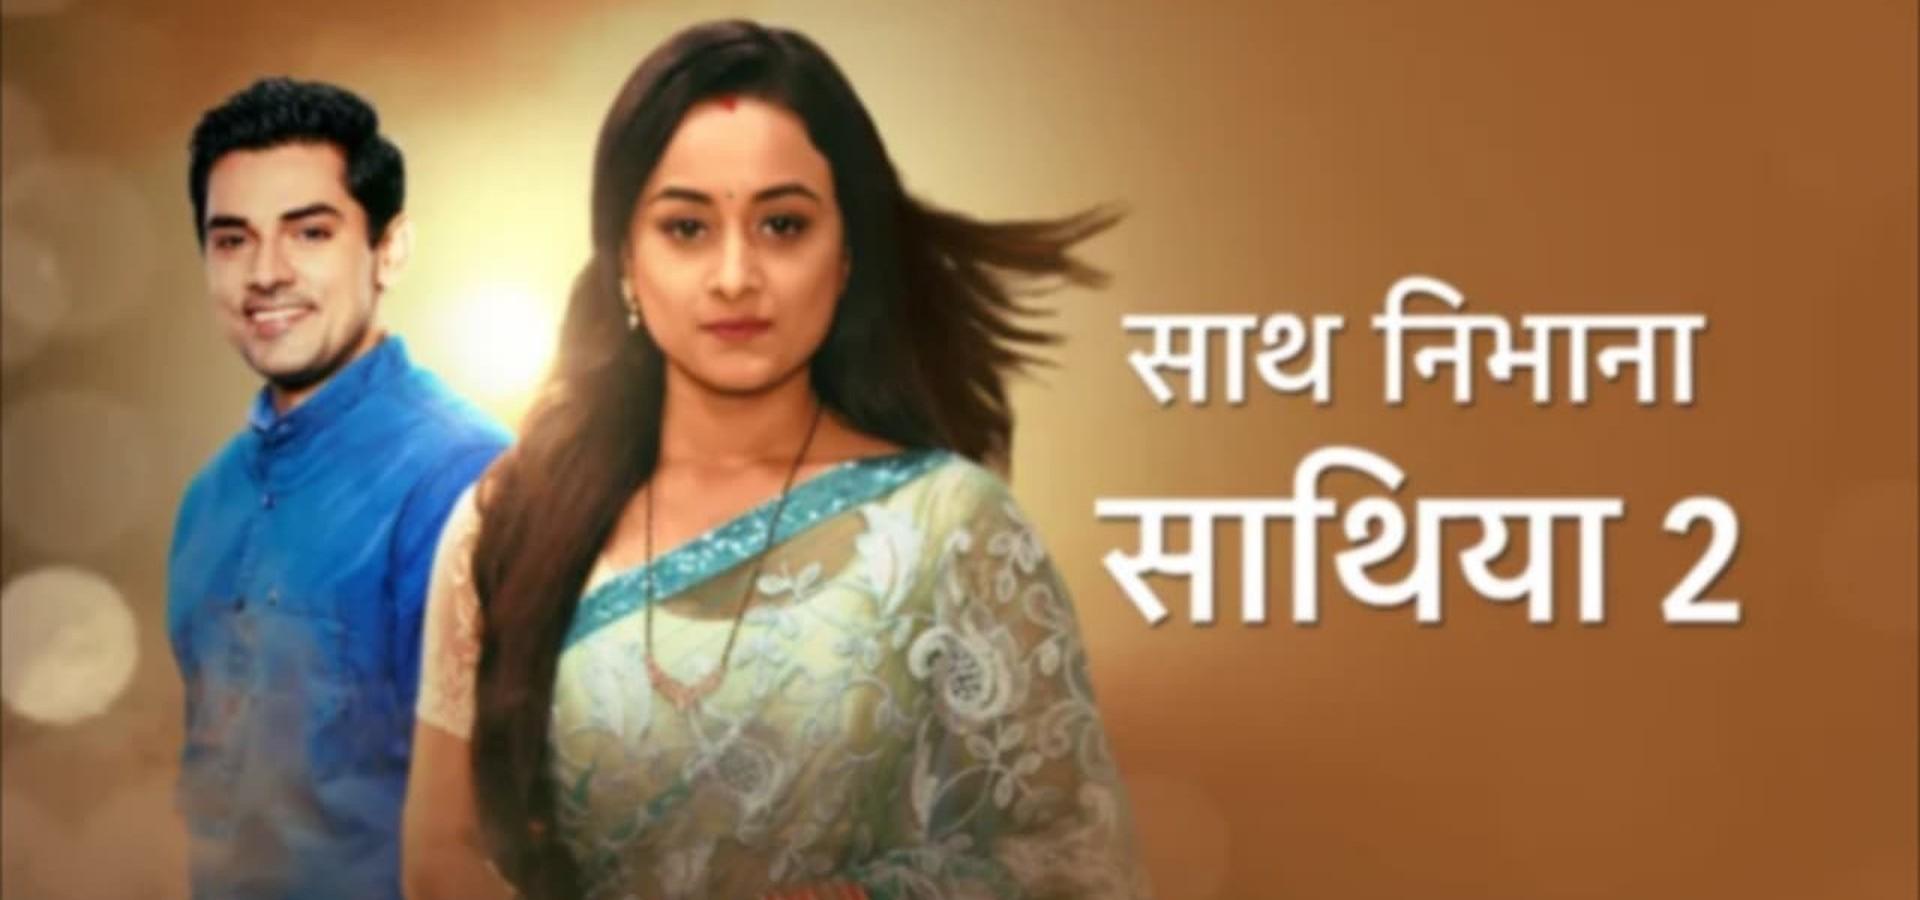 Saath Nibhana Saathiya